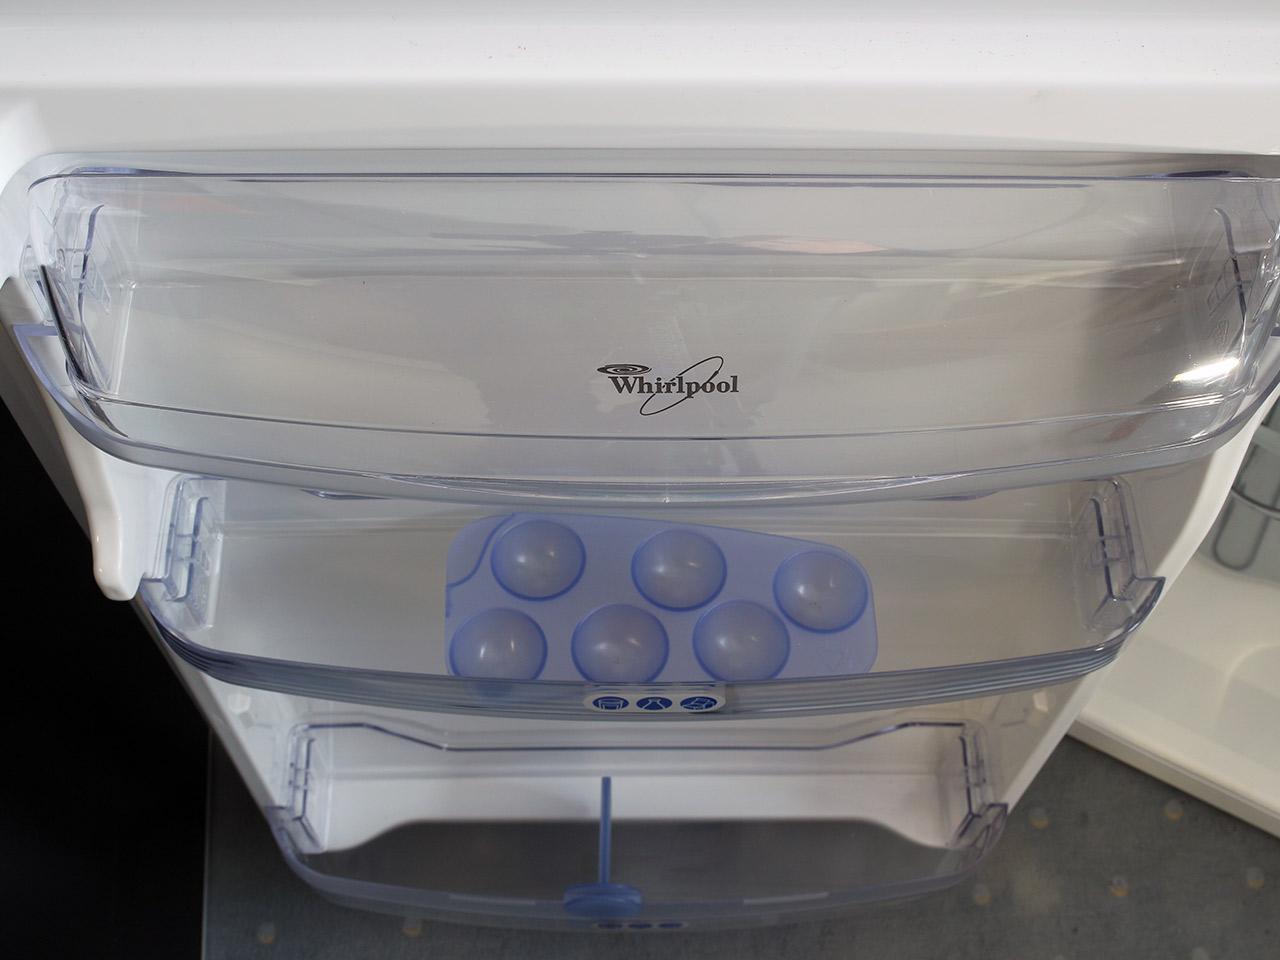 87cm whirlpool einbau k hlschrank arg 341 eek b schleppt rtechnik 4 glasablagen ebay - Whirlpool einbau ...